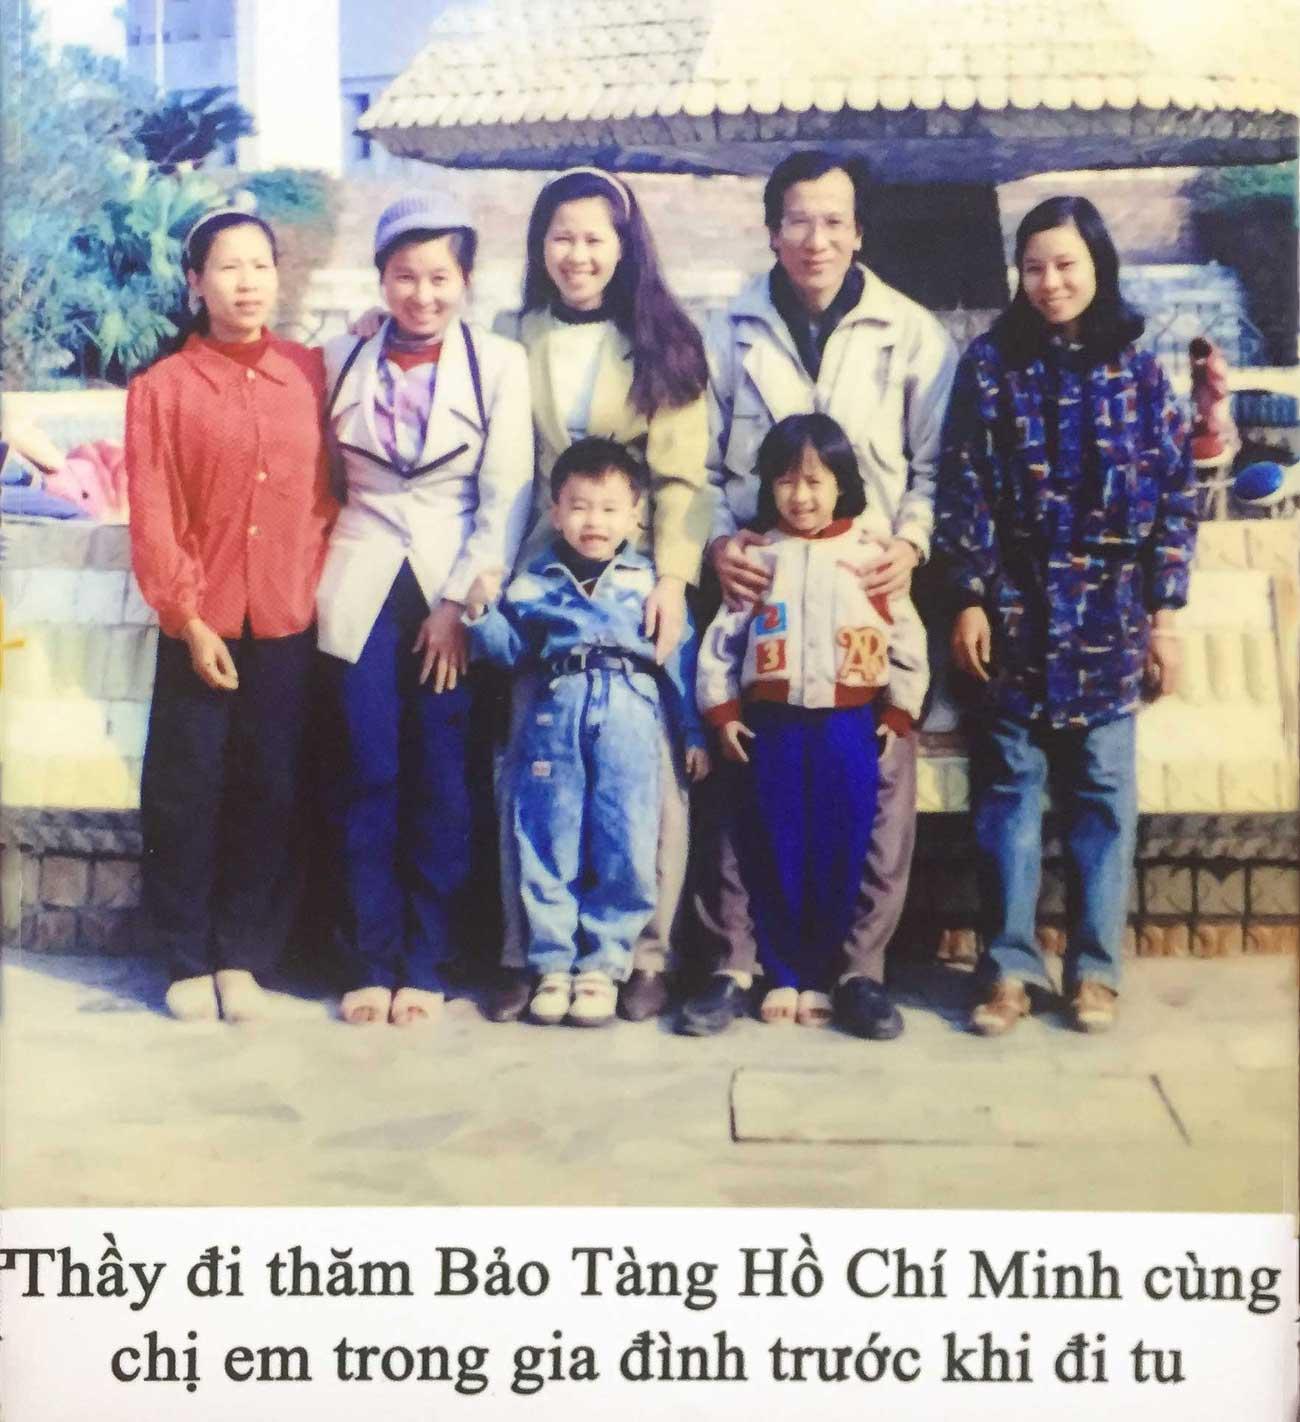 Chị em trong gia đình cùng Thầy Thích Trúc Thái Minh đi thăm Bảo Tàng Hồ Chí Minh trước khi Thầy đi tu